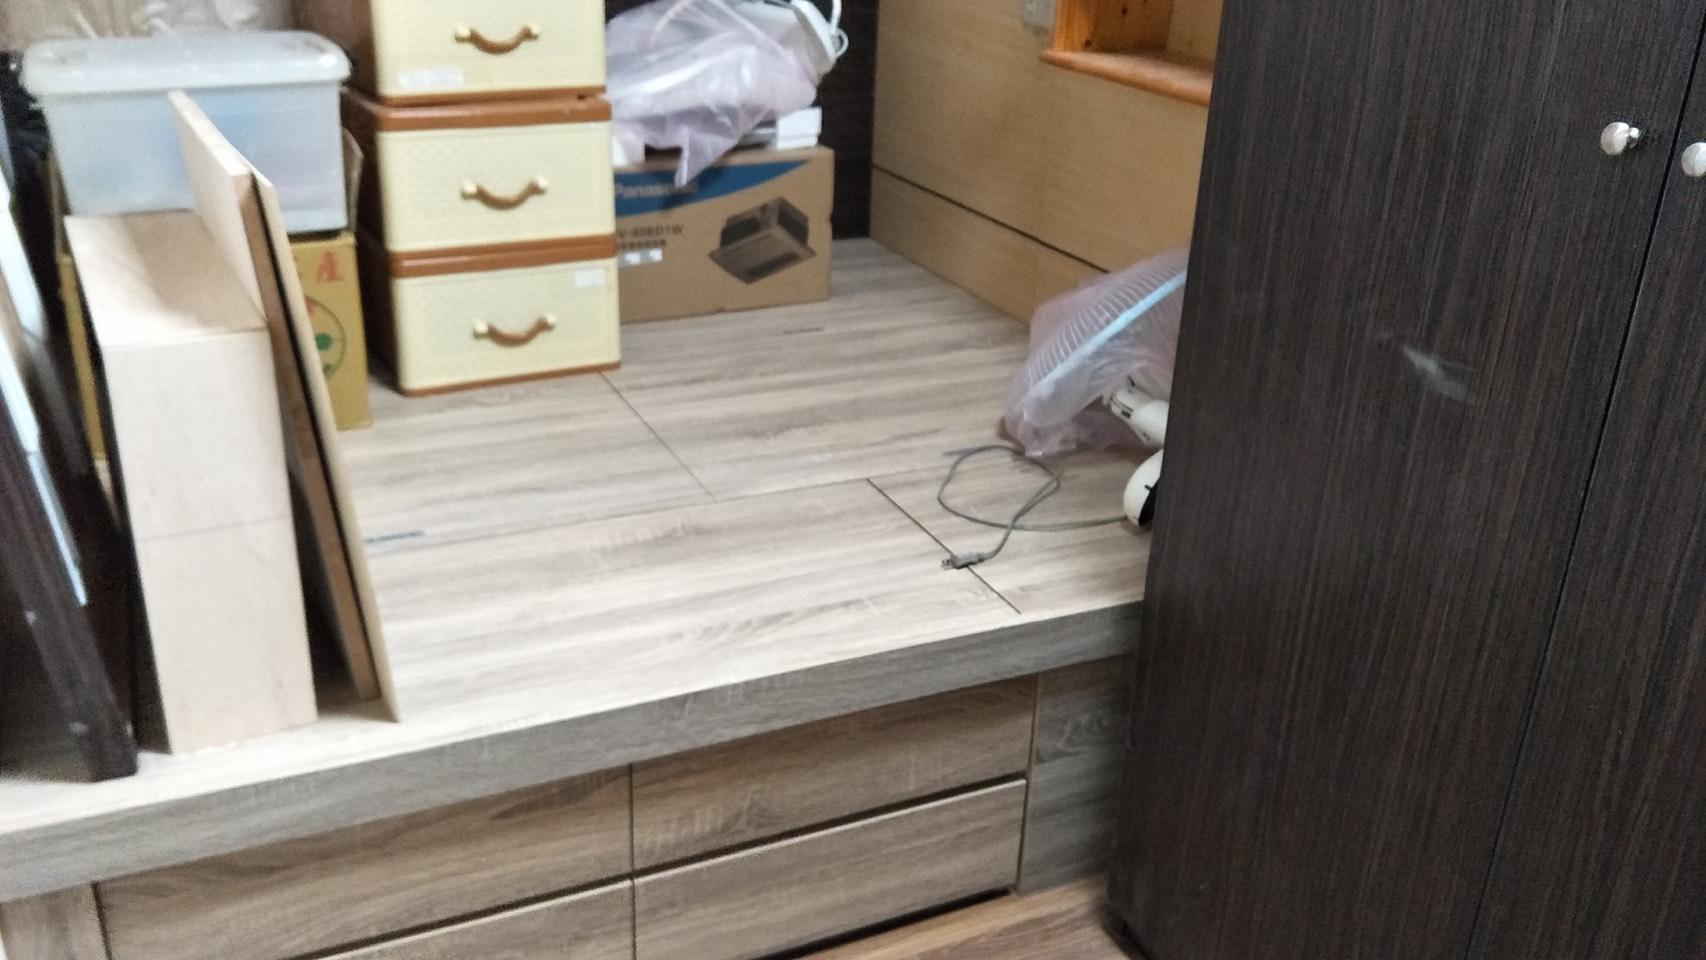 台北市住家室內裝潢衣櫃系統櫃木工 (30)